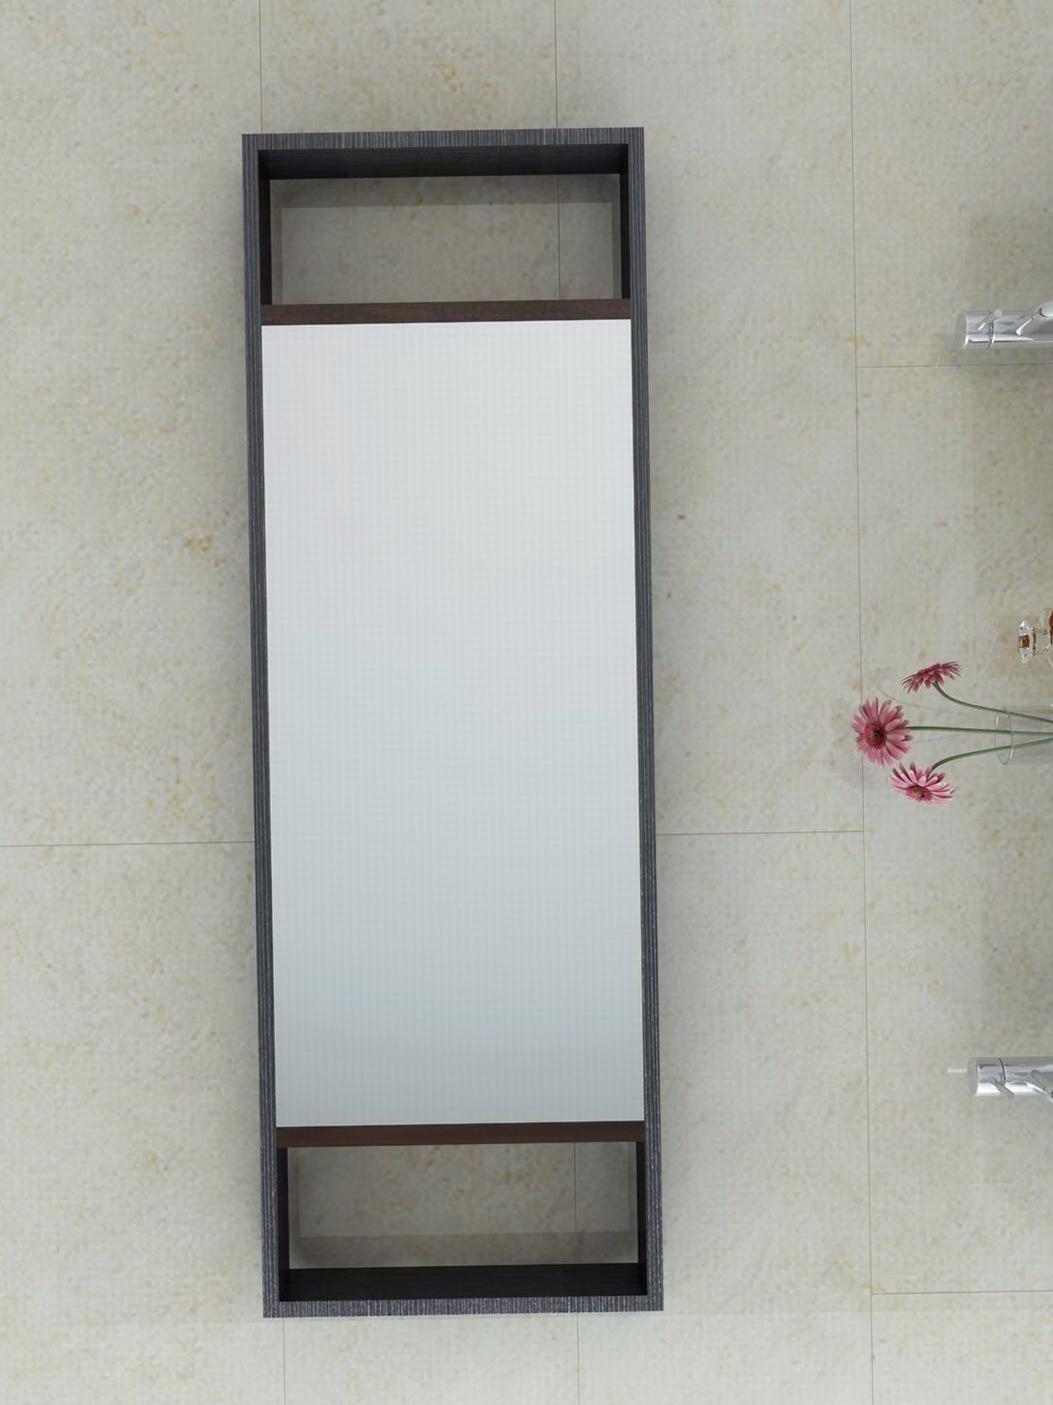 Bathroom Mirror Cabinet Ideas